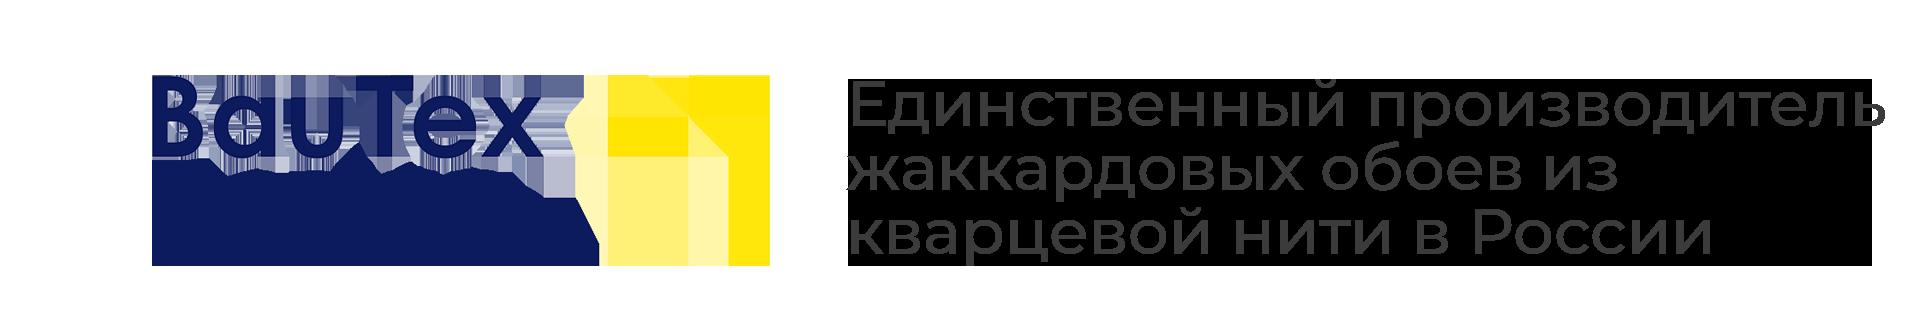 Единственный производитель жаккардовых обоев из кварцевой нити в России